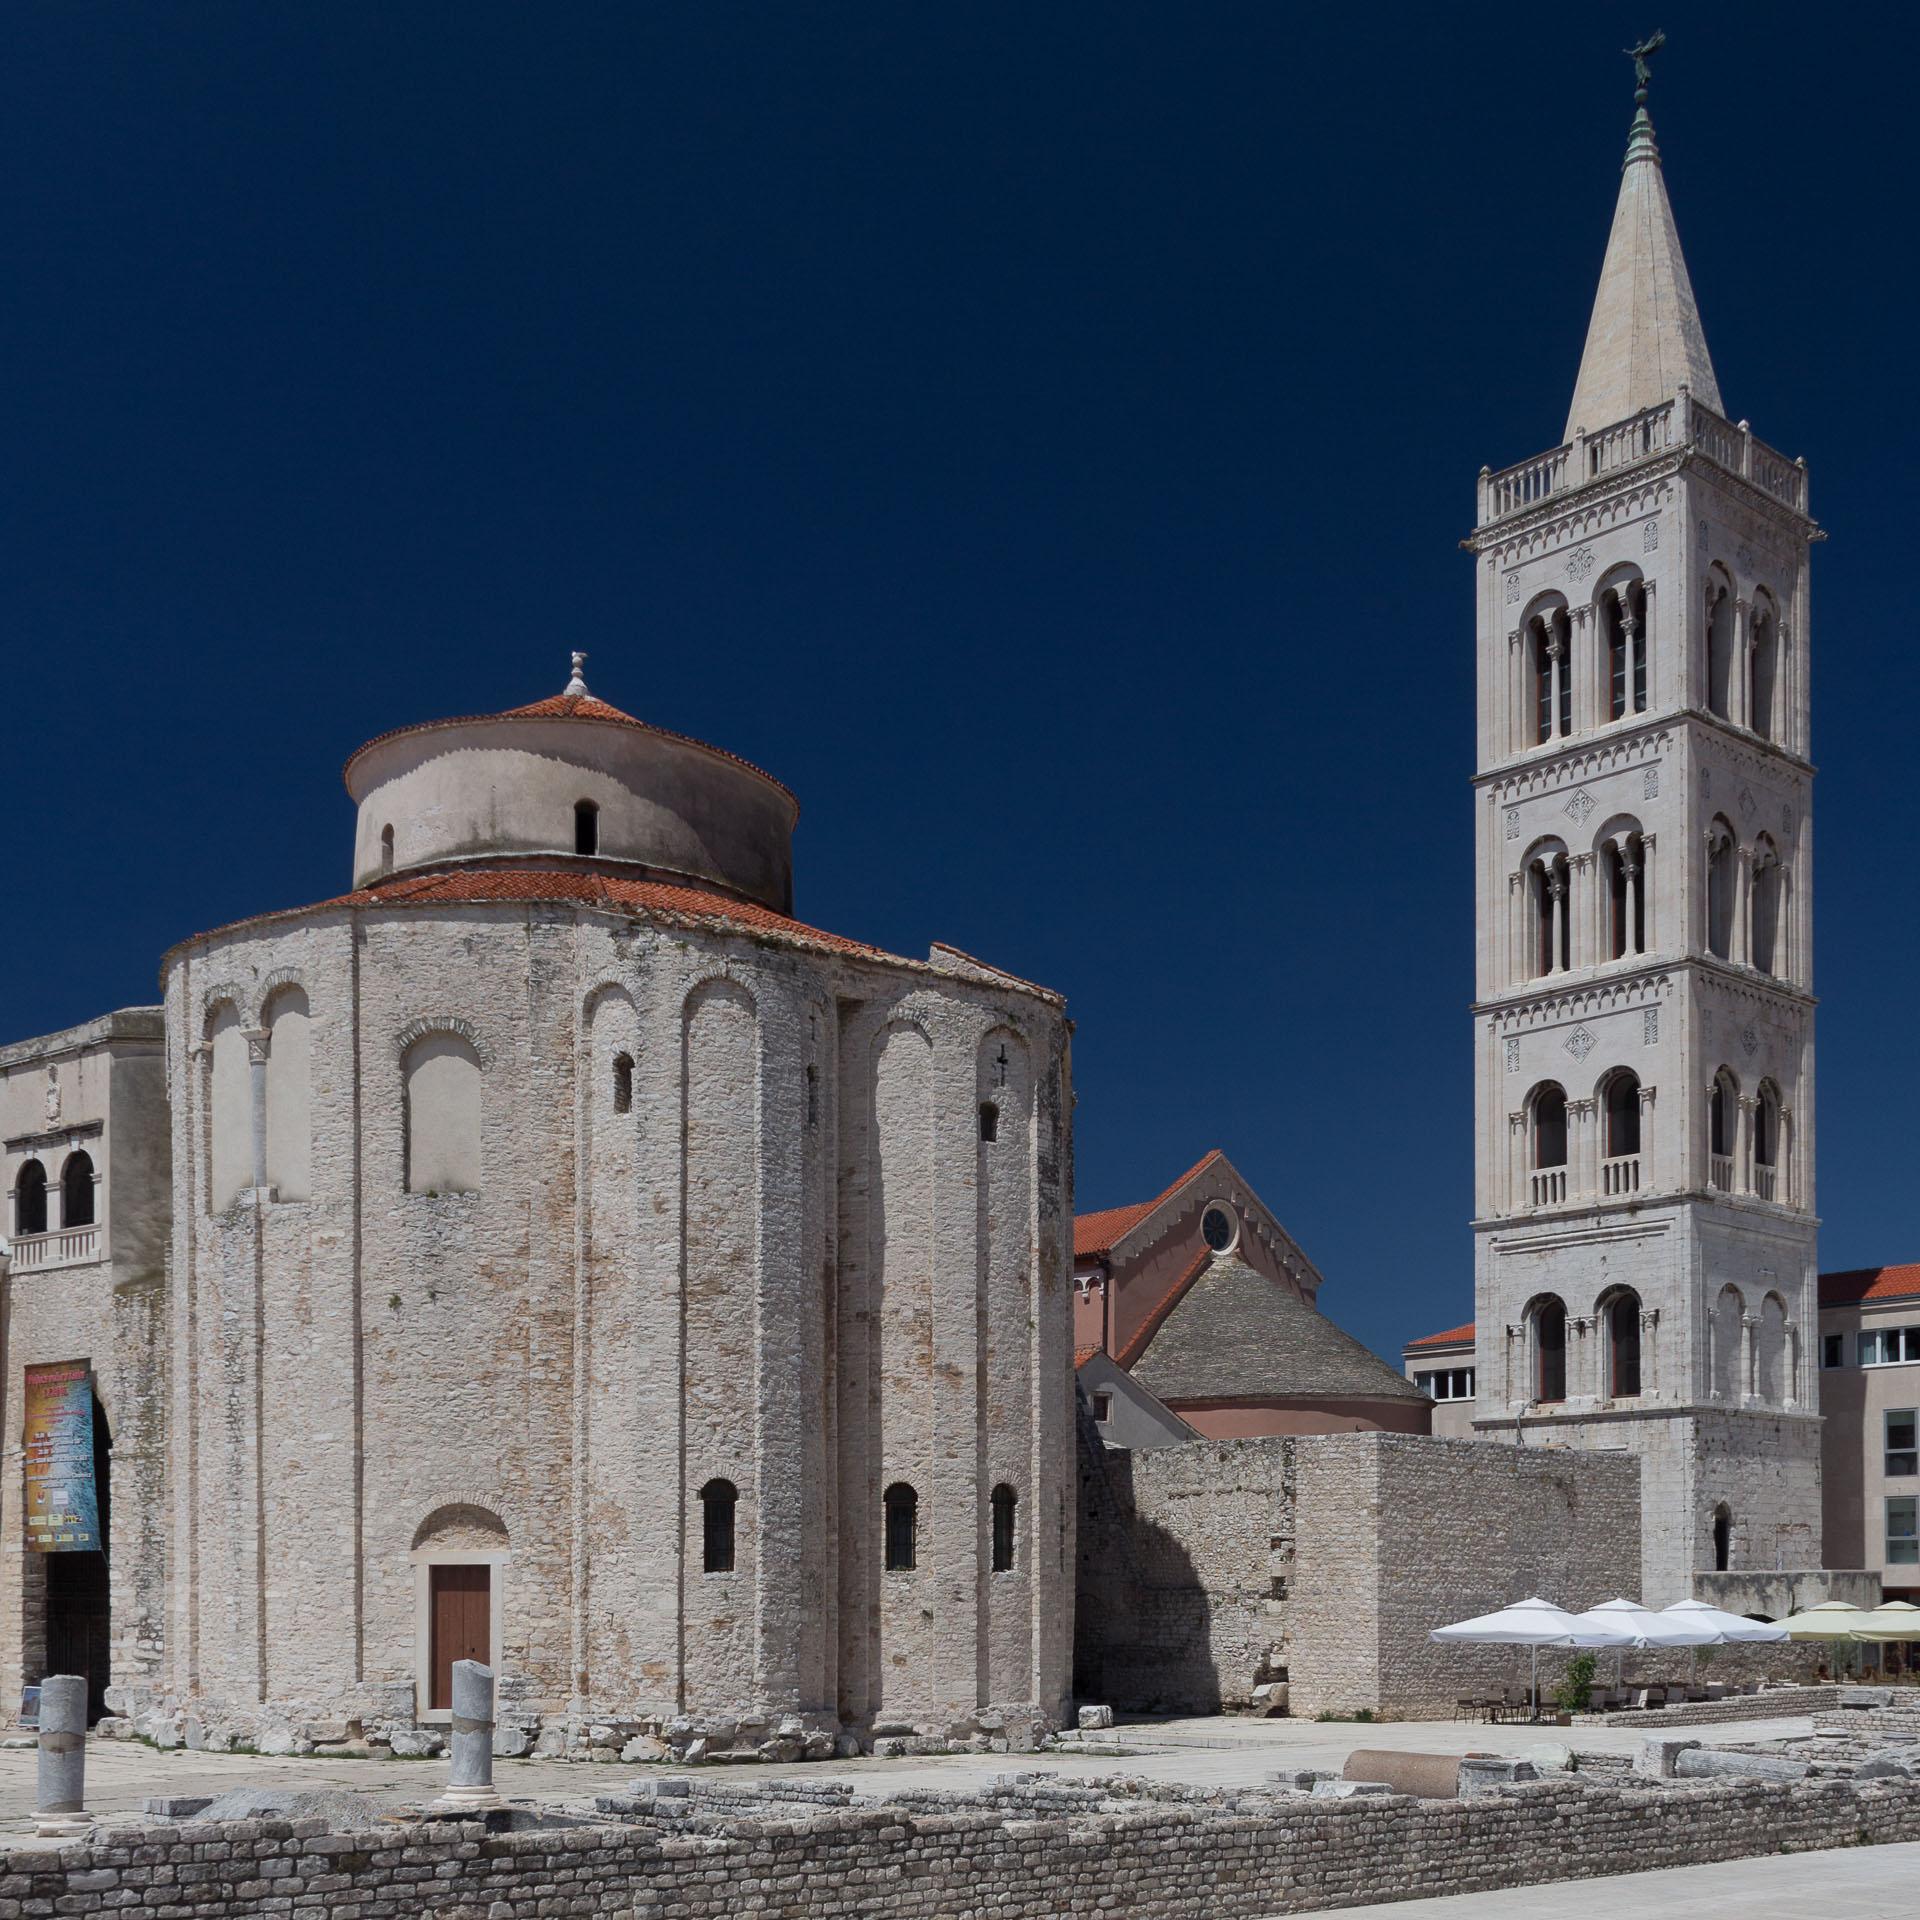 St. Donatus in Zadar